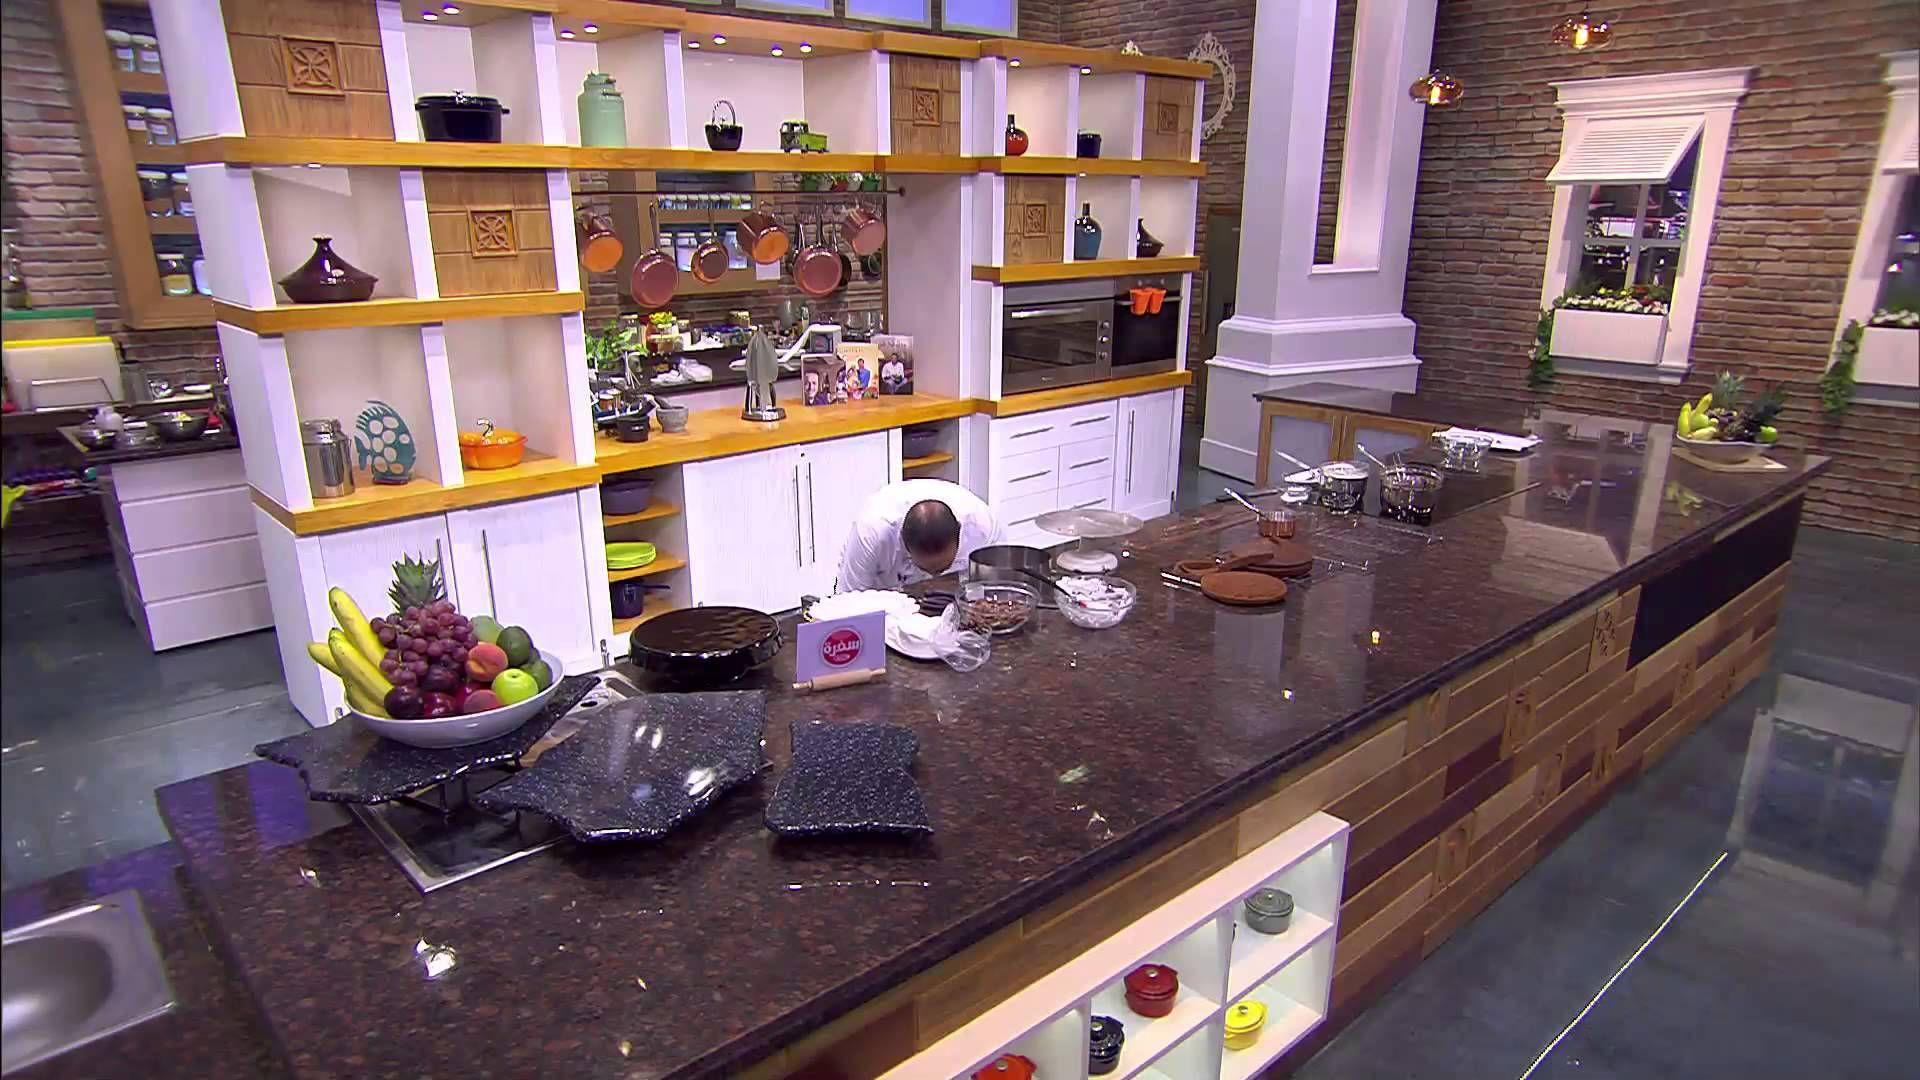 كيك الشيكولاته بلاك فوريست كيكة الشيكولاتة كيكة صخر من مطبخ أسامة حلقة كاملة Kitchen Kitchen Appliances Home Decor